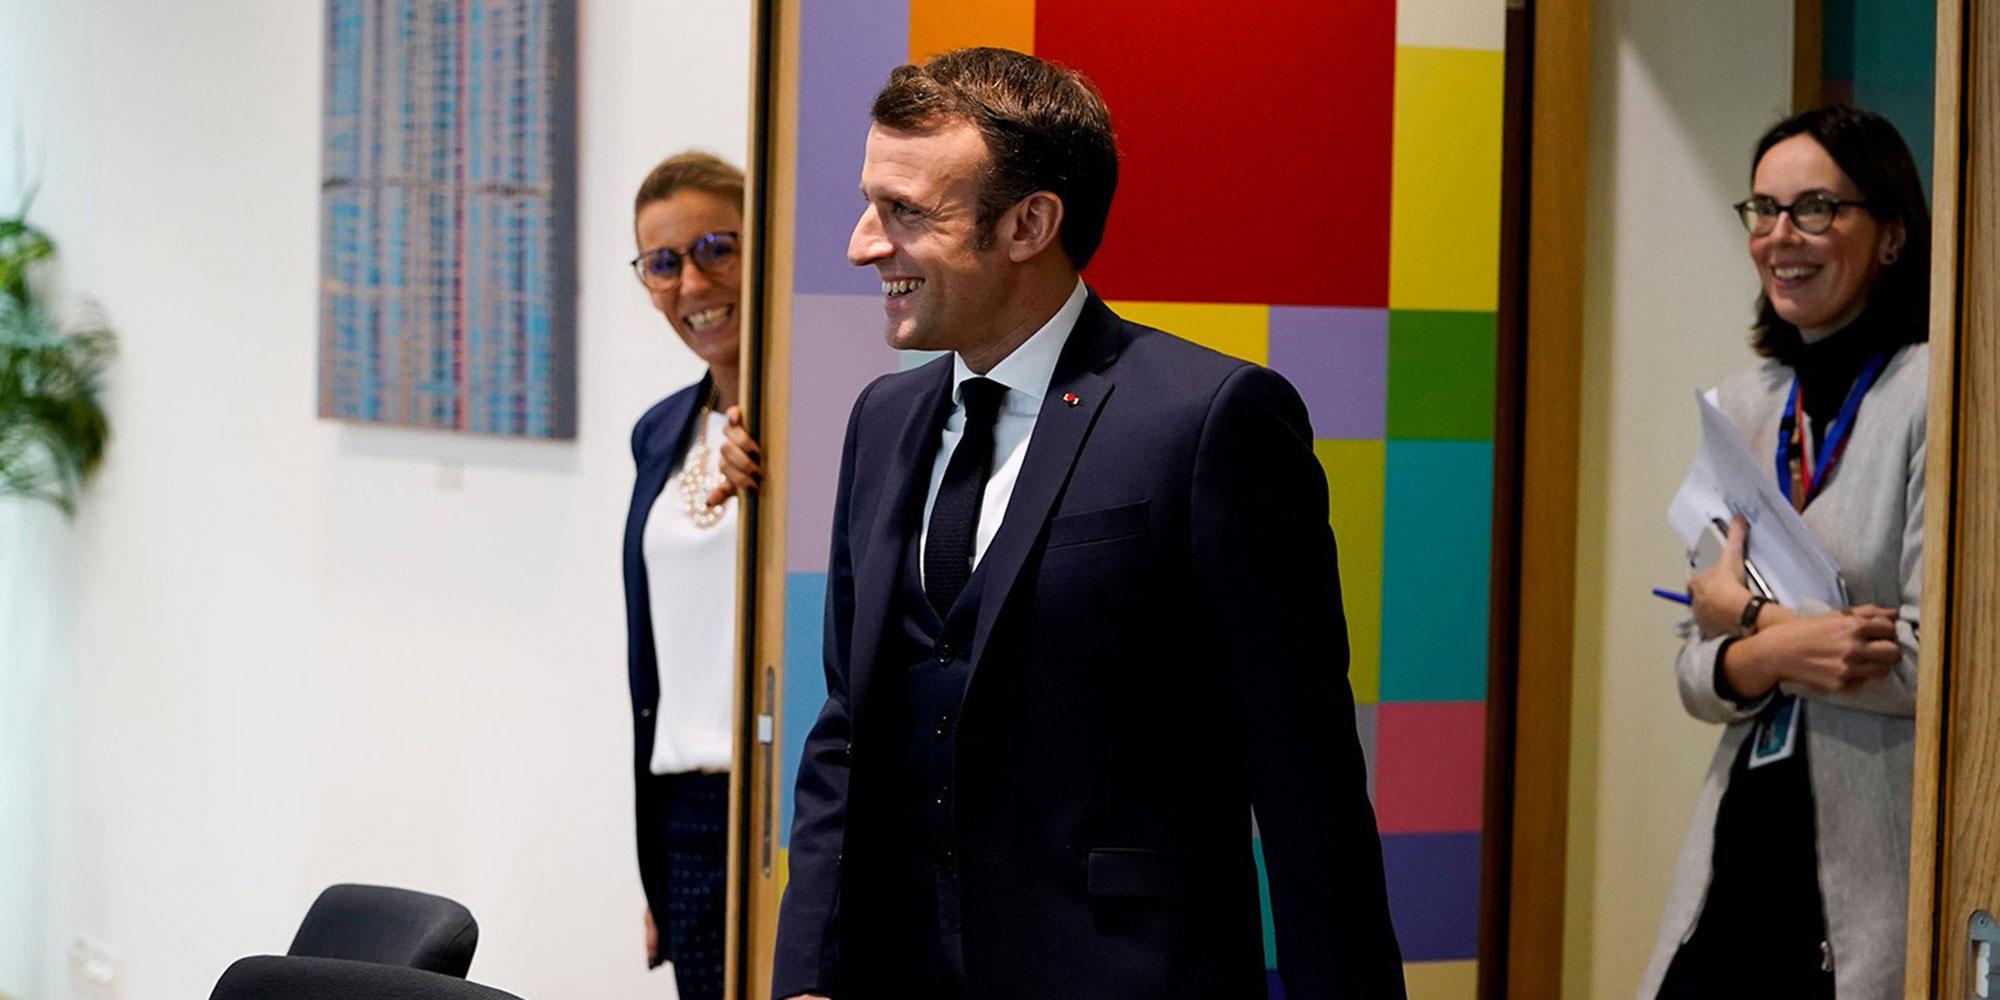 En pleine négociation sur la PAC, Emmanuel Macron va-t-il se rendre au Salon de l'agriculture?